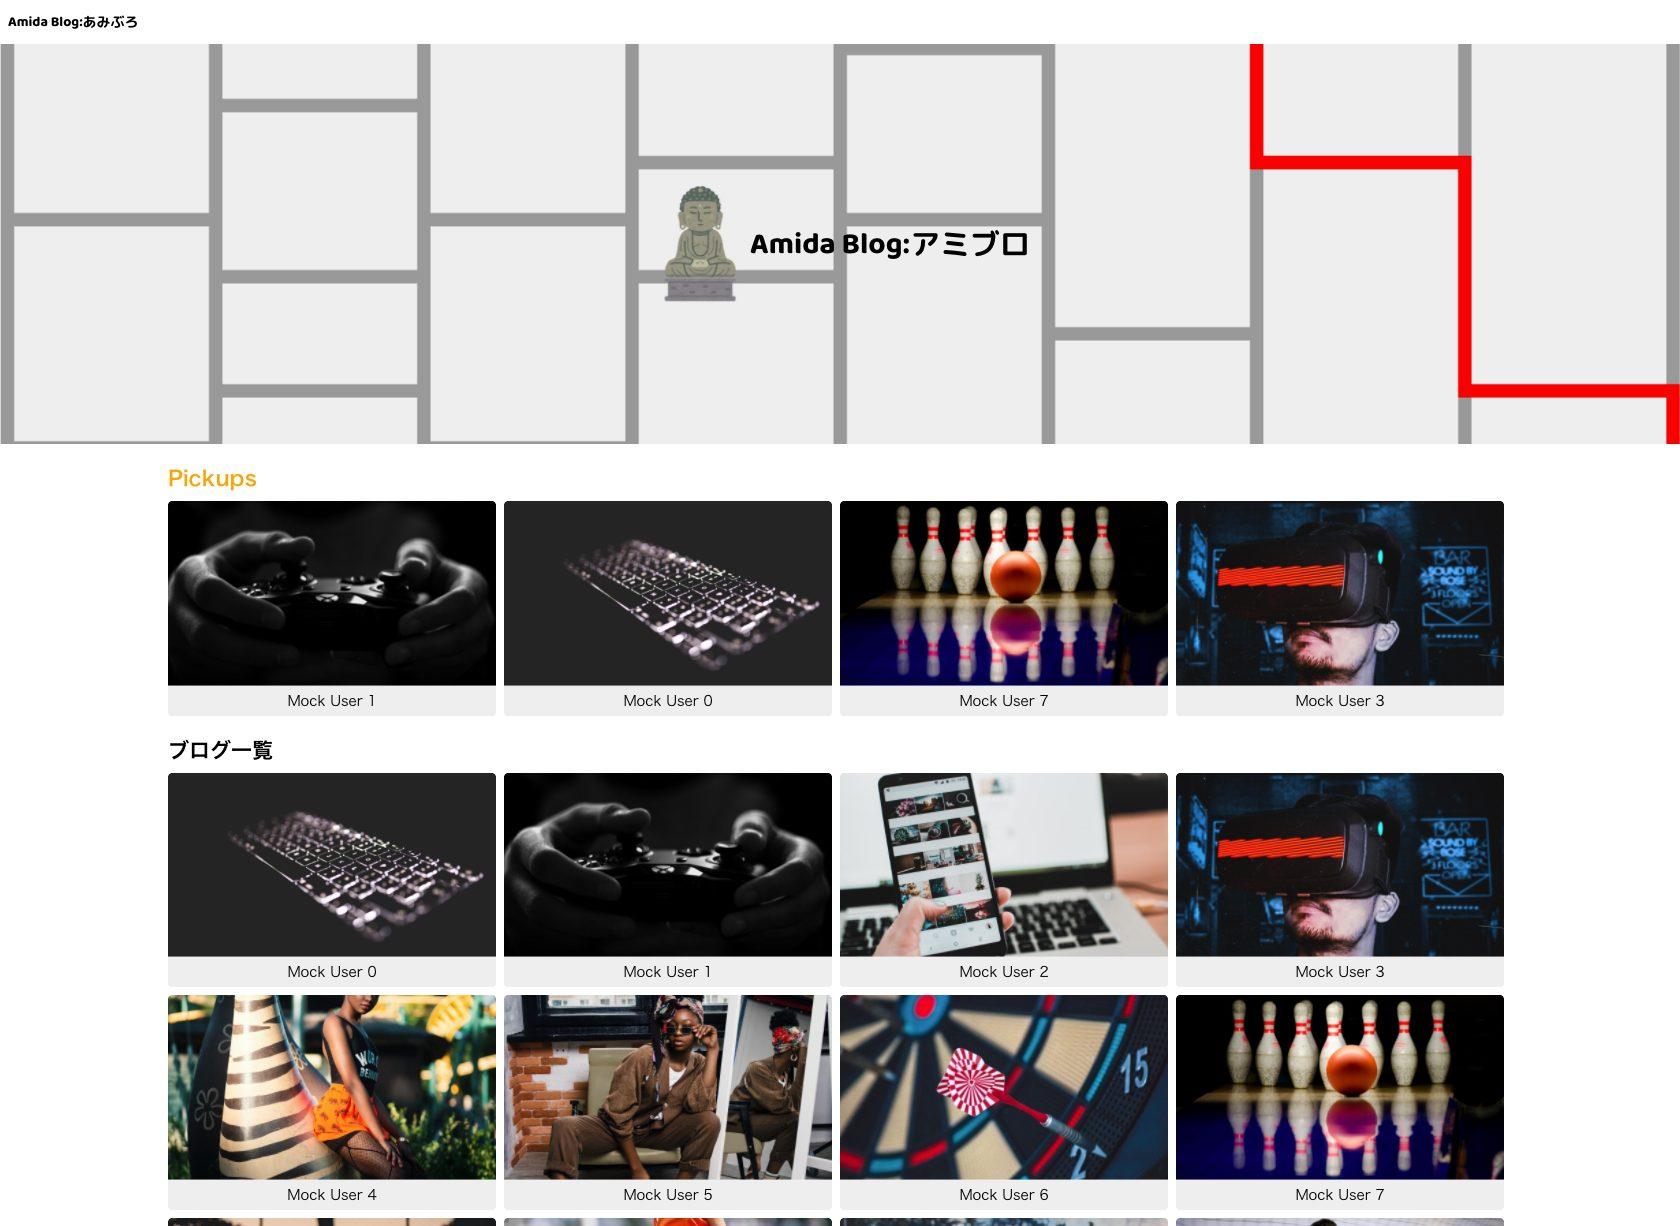 お題アプリケーション「あみぶろ」のエントランスページのスクリーンキャプチャ